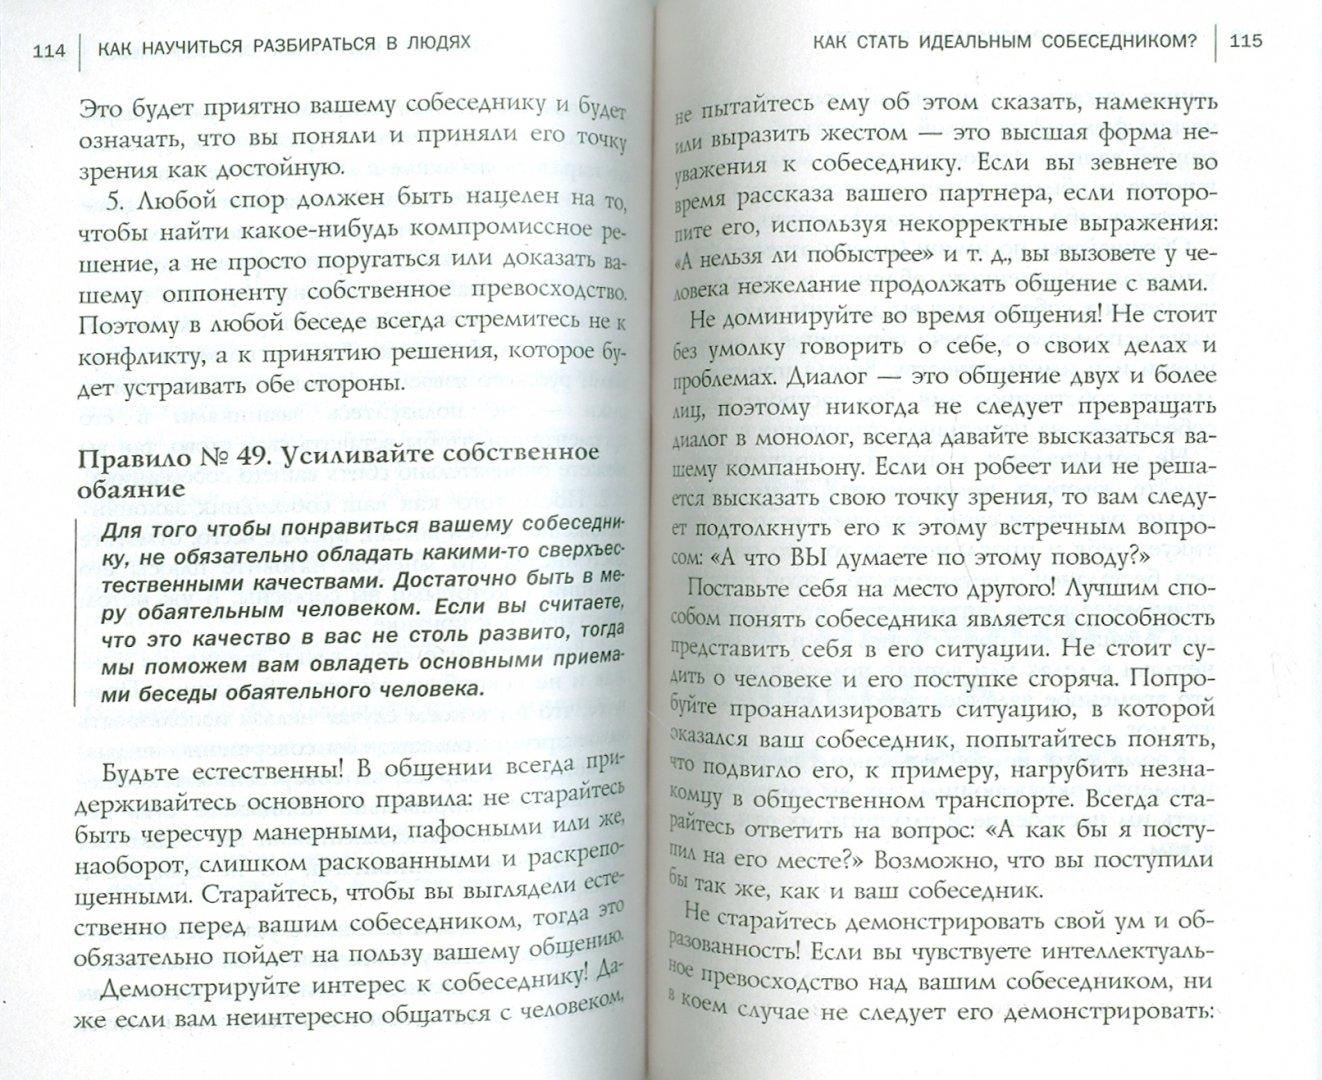 Иллюстрация 1 из 16 для Как научиться разбираться в людях - Сергеева, Сергеева | Лабиринт - книги. Источник: Лабиринт